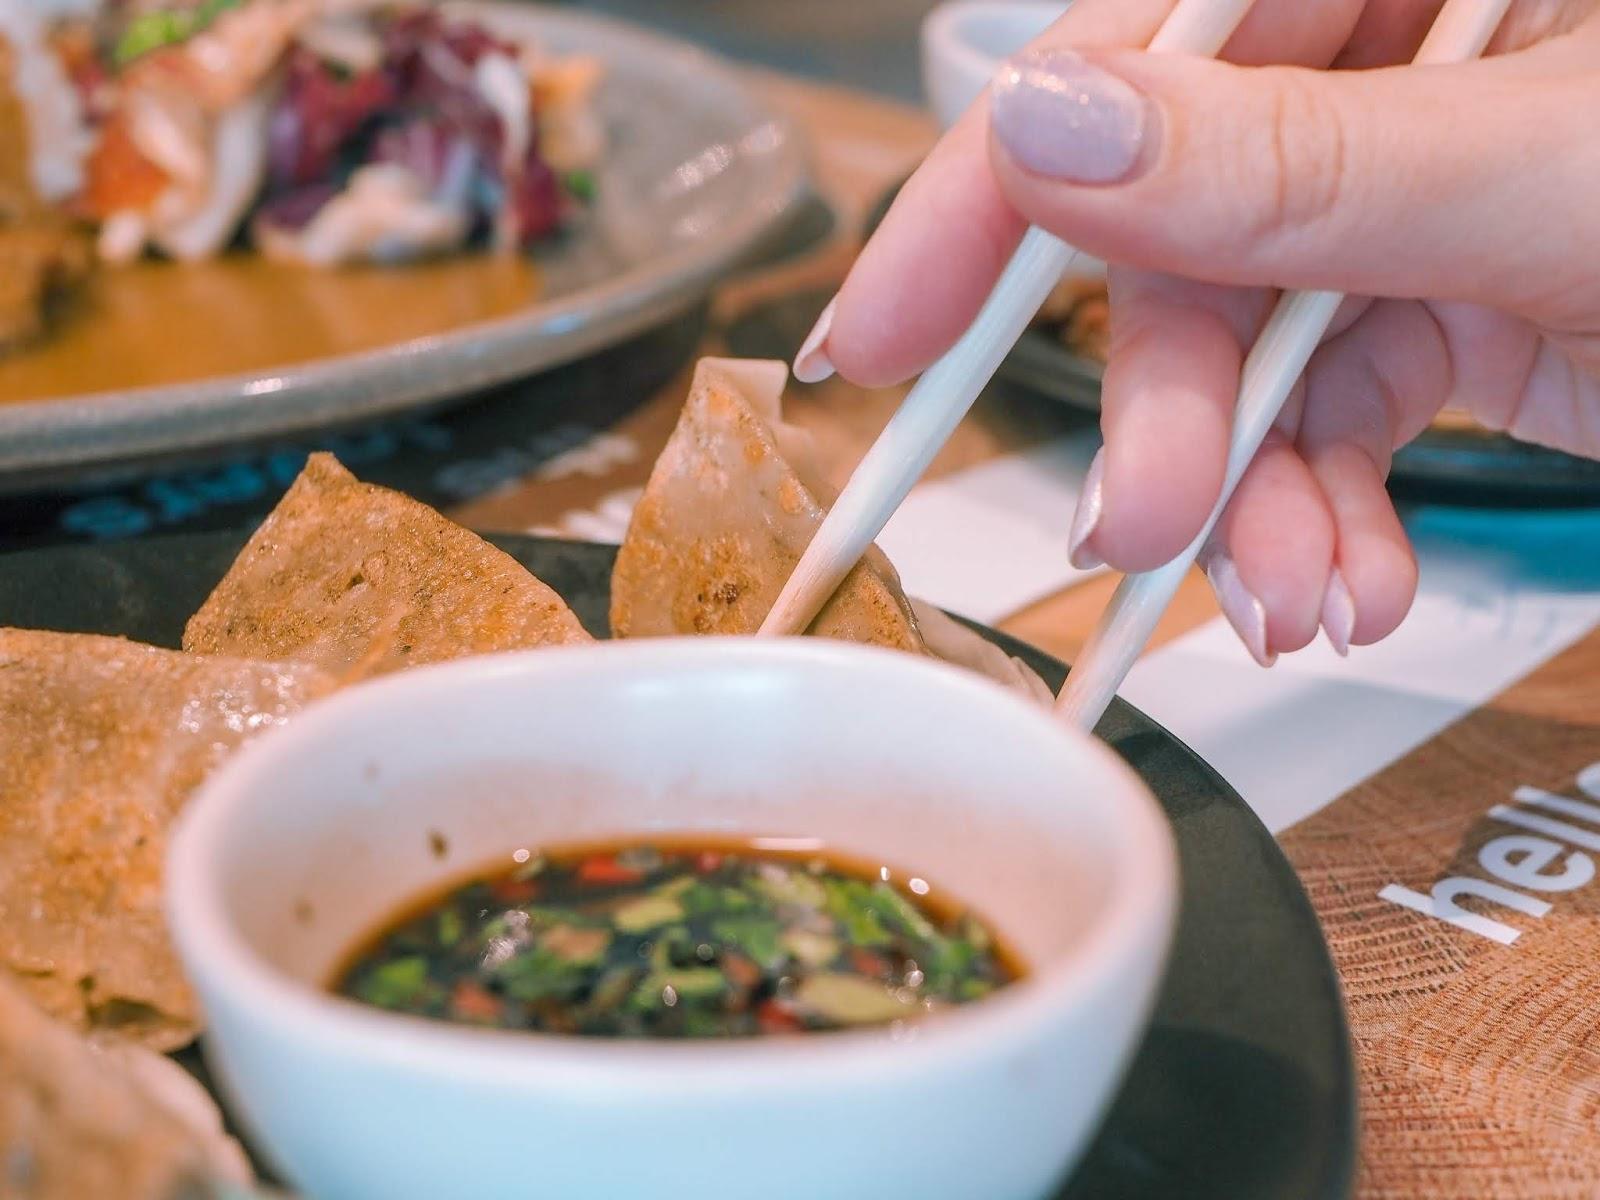 2018-eating-less-meat-vegan-menu-wagamama-leeds-uk-img1